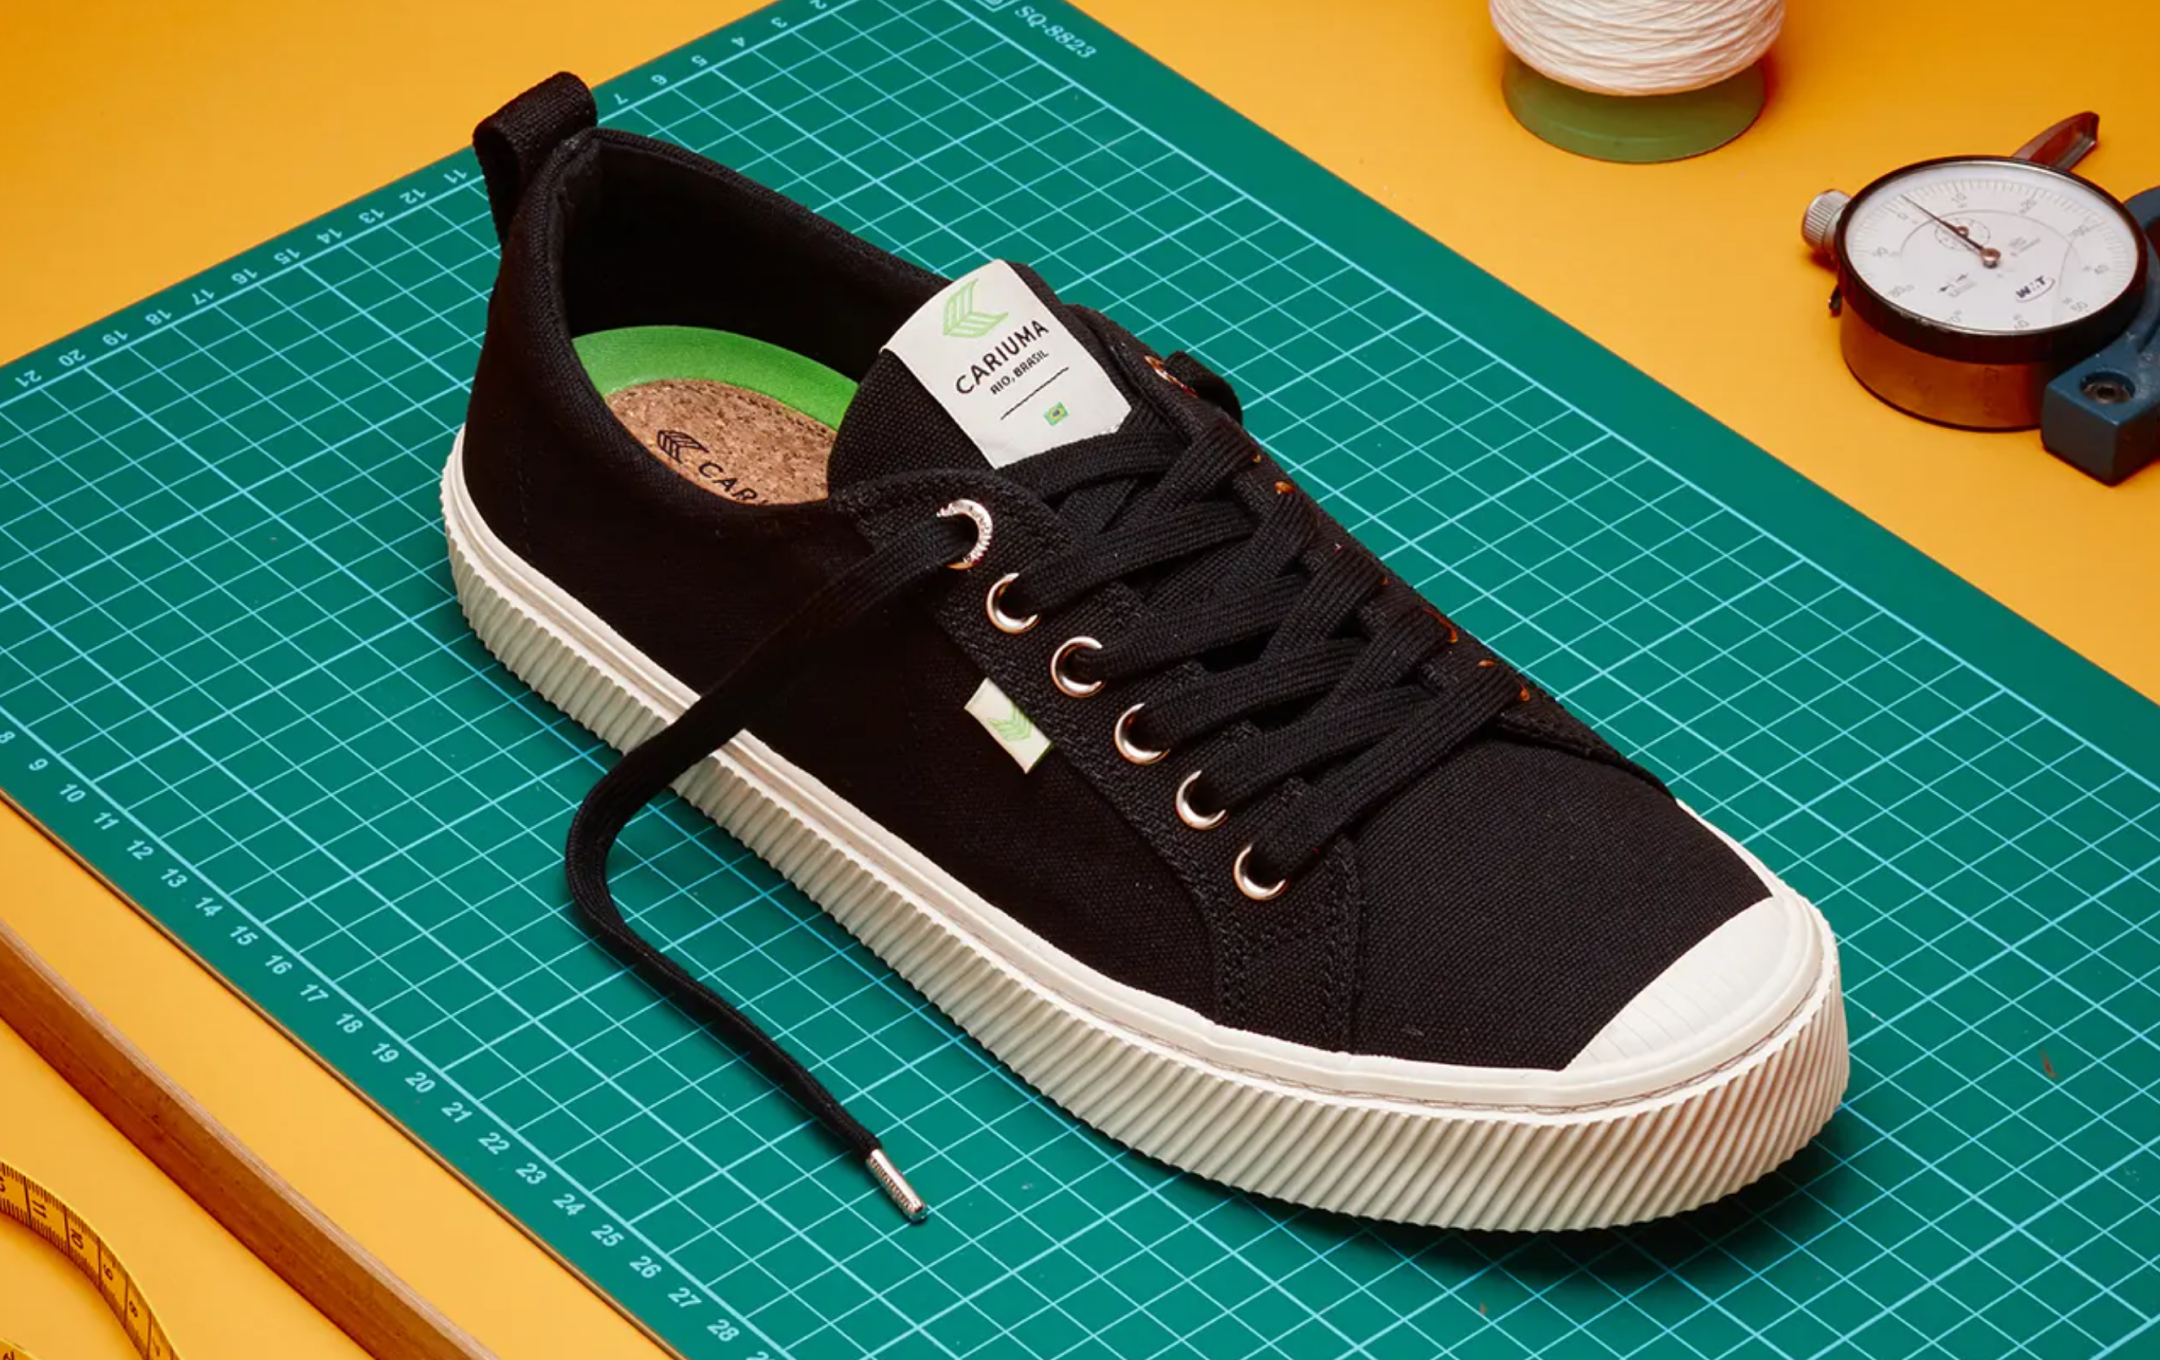 cariuma shoe image